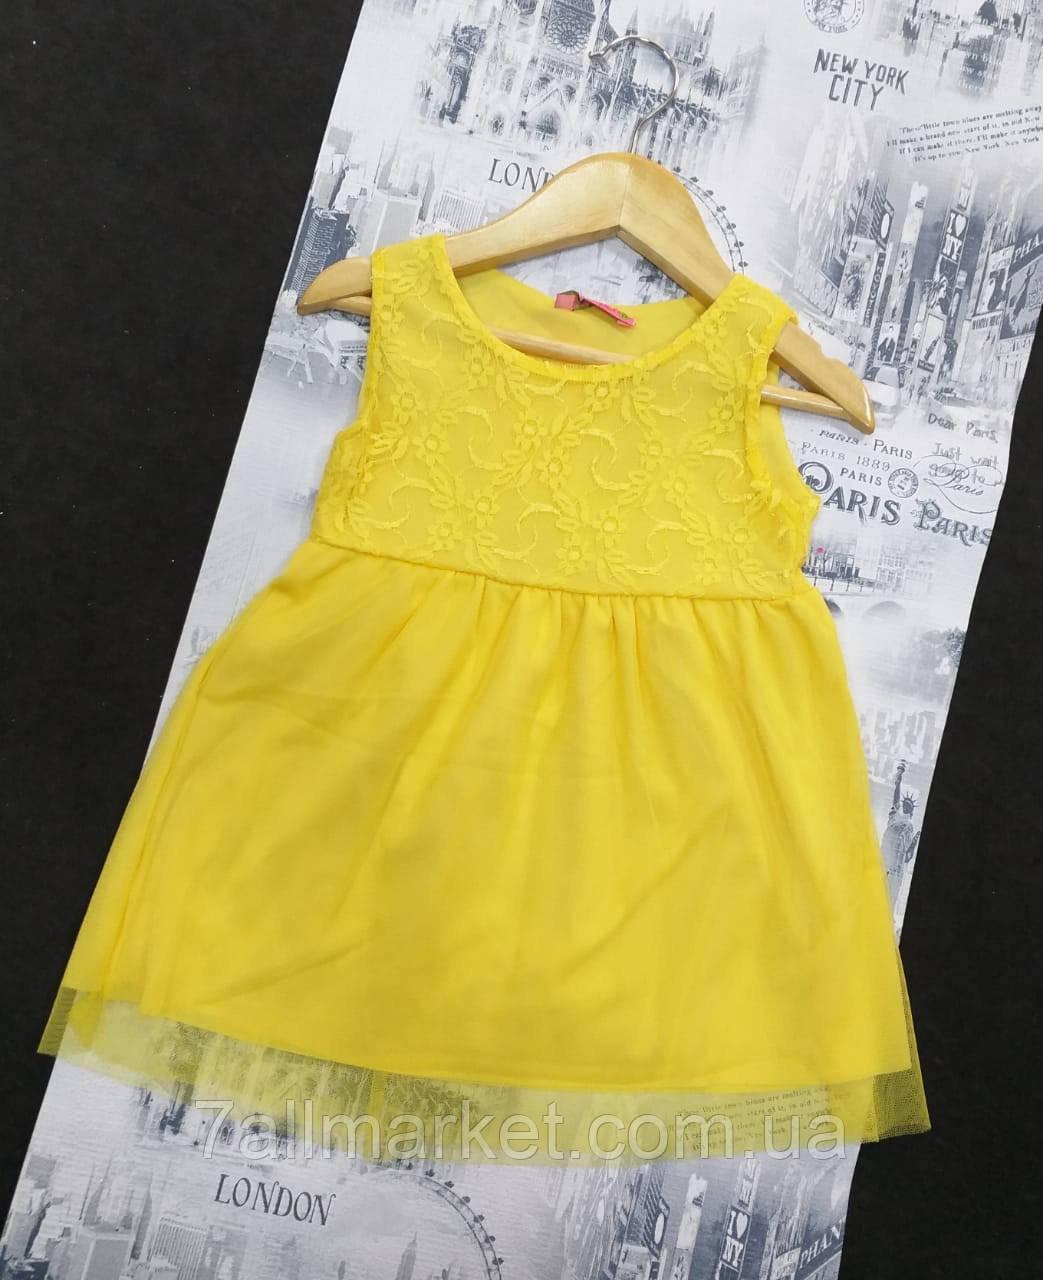 aeb2e3e8140307f Платье детское нарядное с гипюром на девочку 1-5 лет